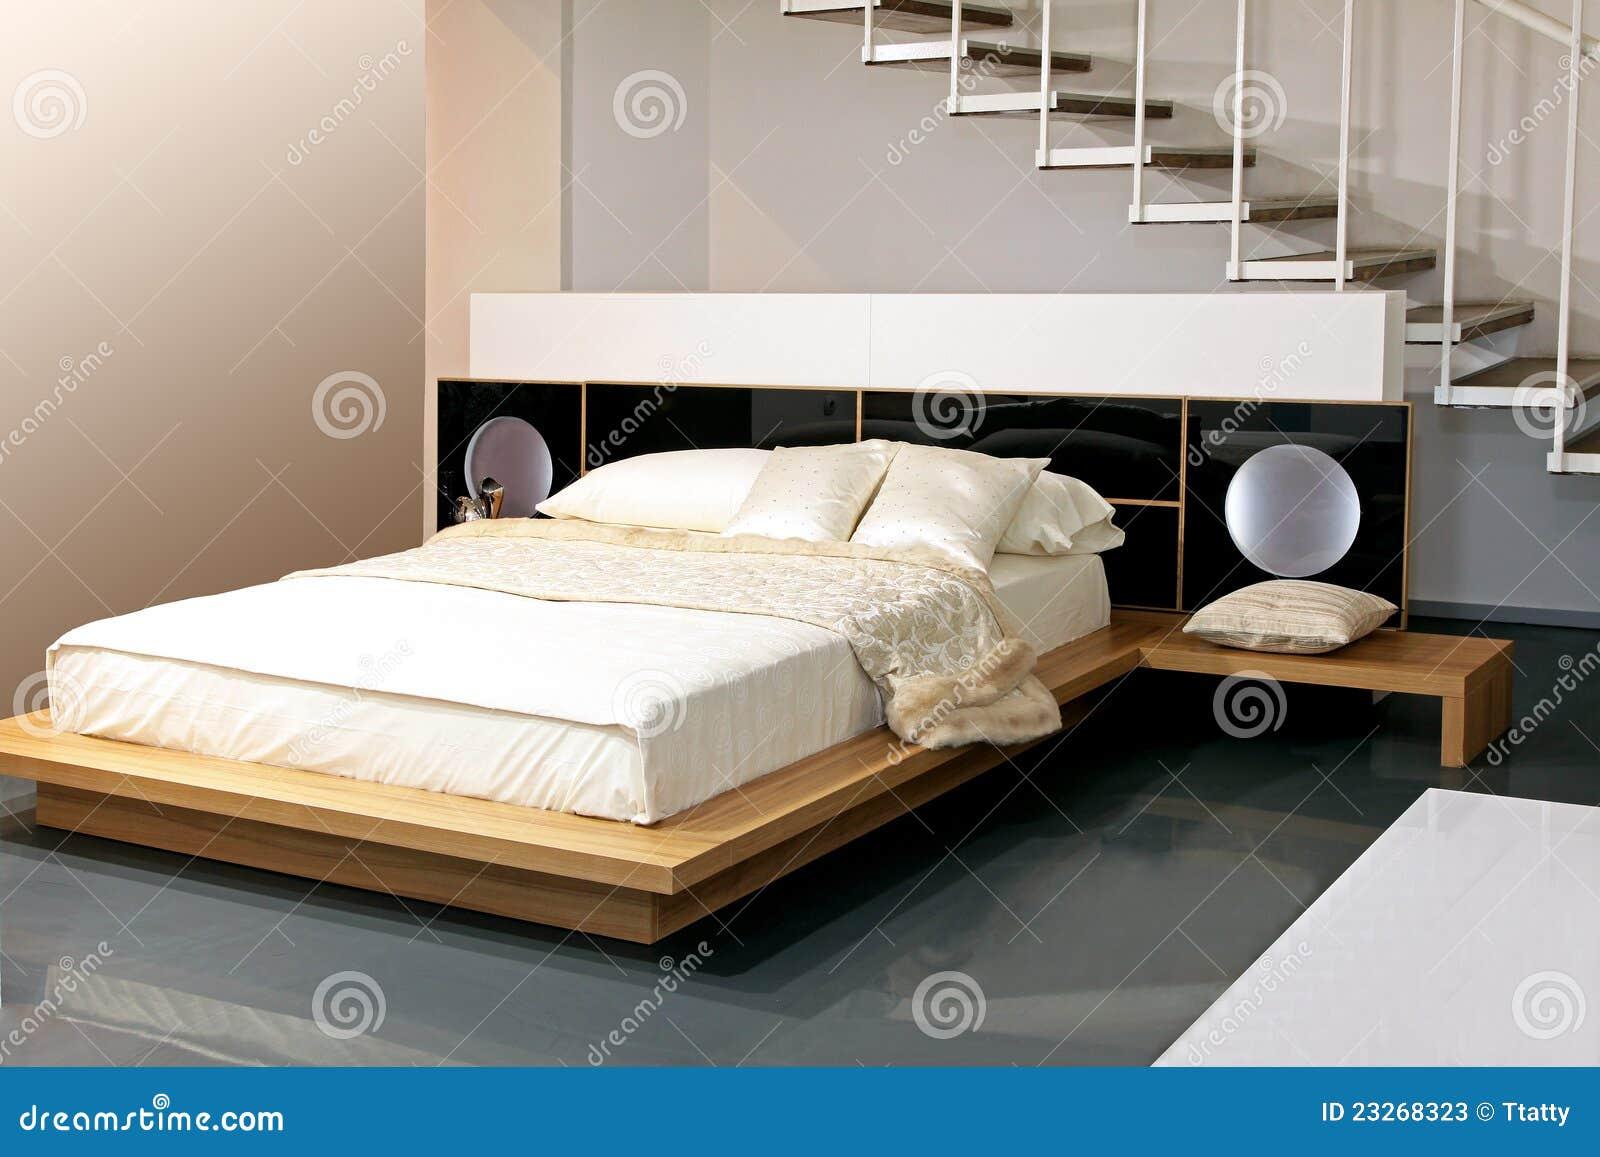 Camera da letto beige immagine stock. Immagine di assestamento ...